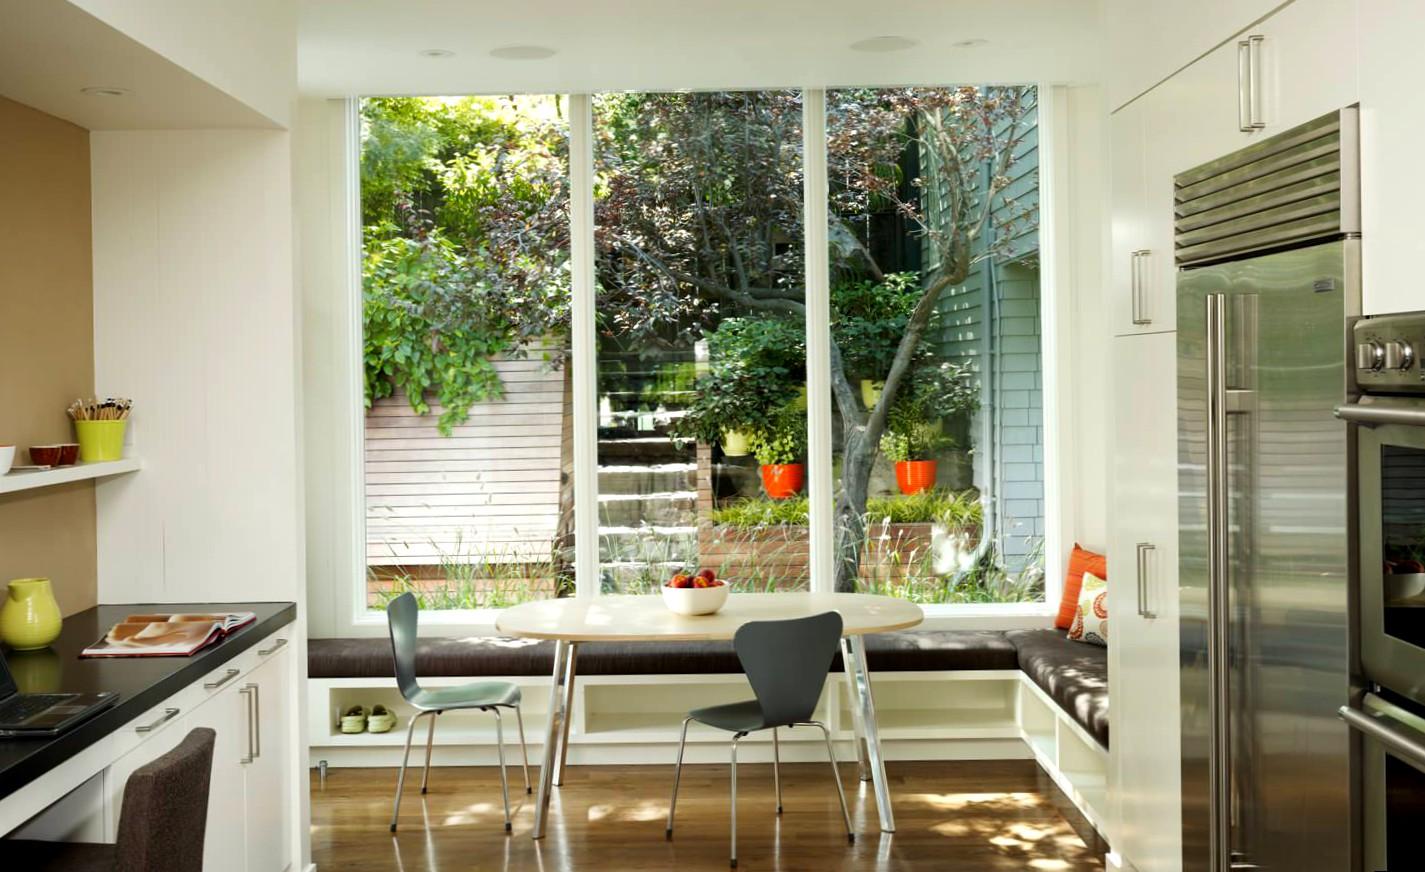 кухня 10 кв м с диваном дизайн